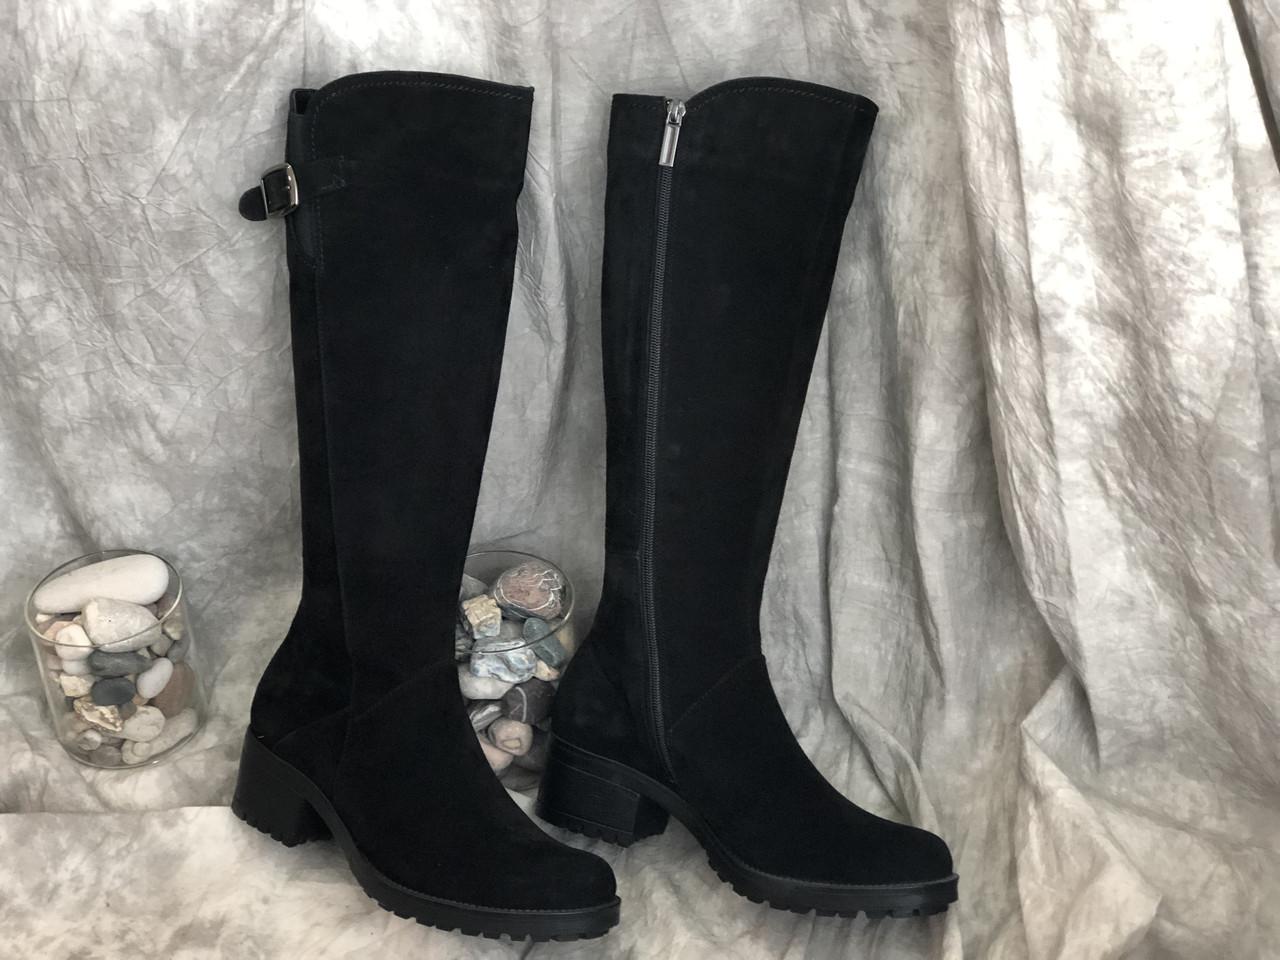 Демисезонные женские кожаные сапоги Alexander 861 размеры 38,39,40,41